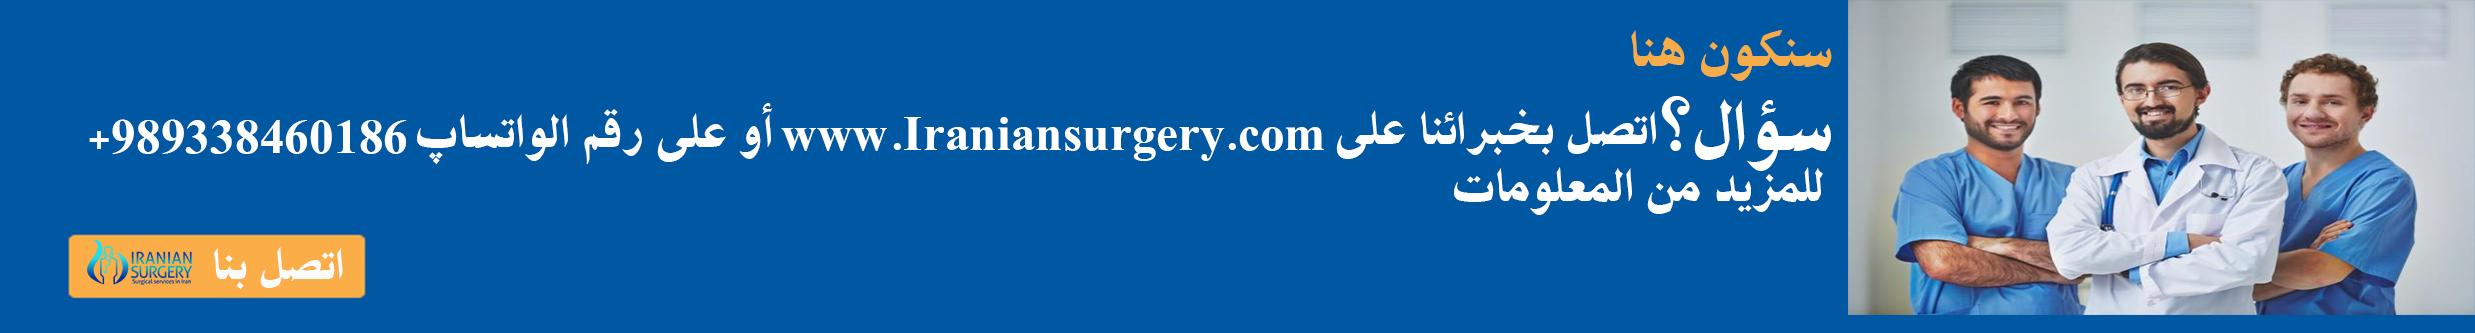 iranian surgery